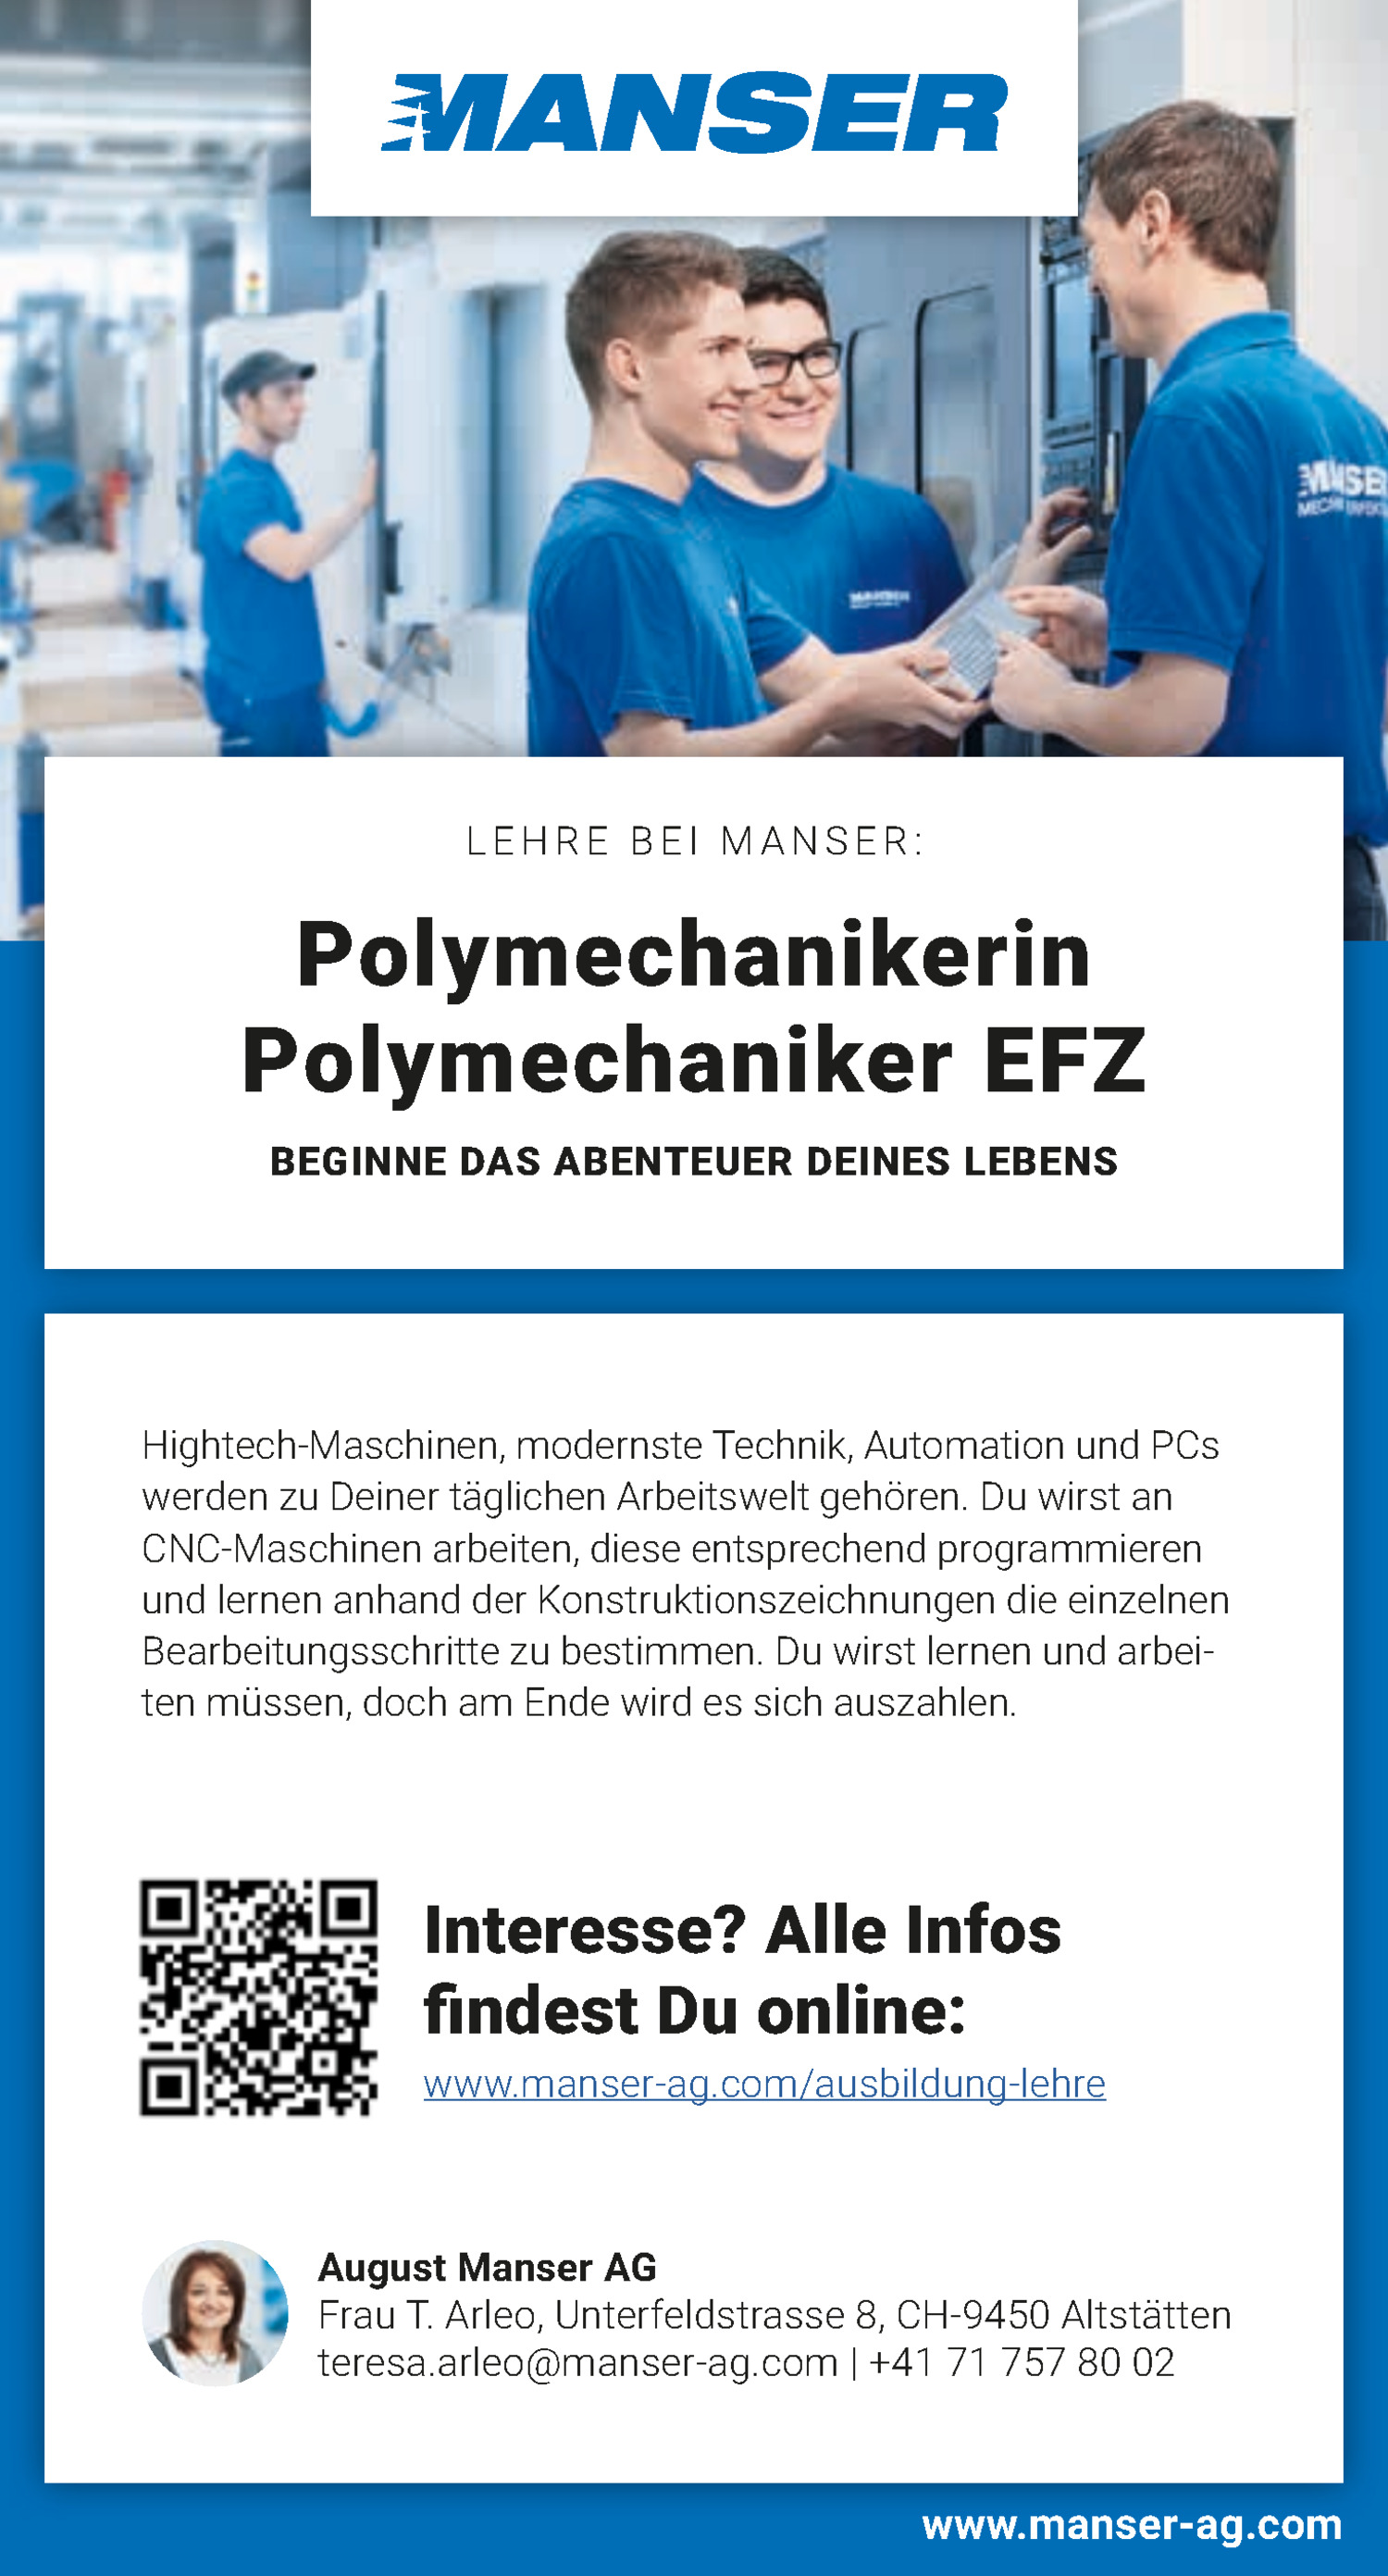 Inserat Lehrstelle Polymechaniker (m/w) EFZ Sommer 2022